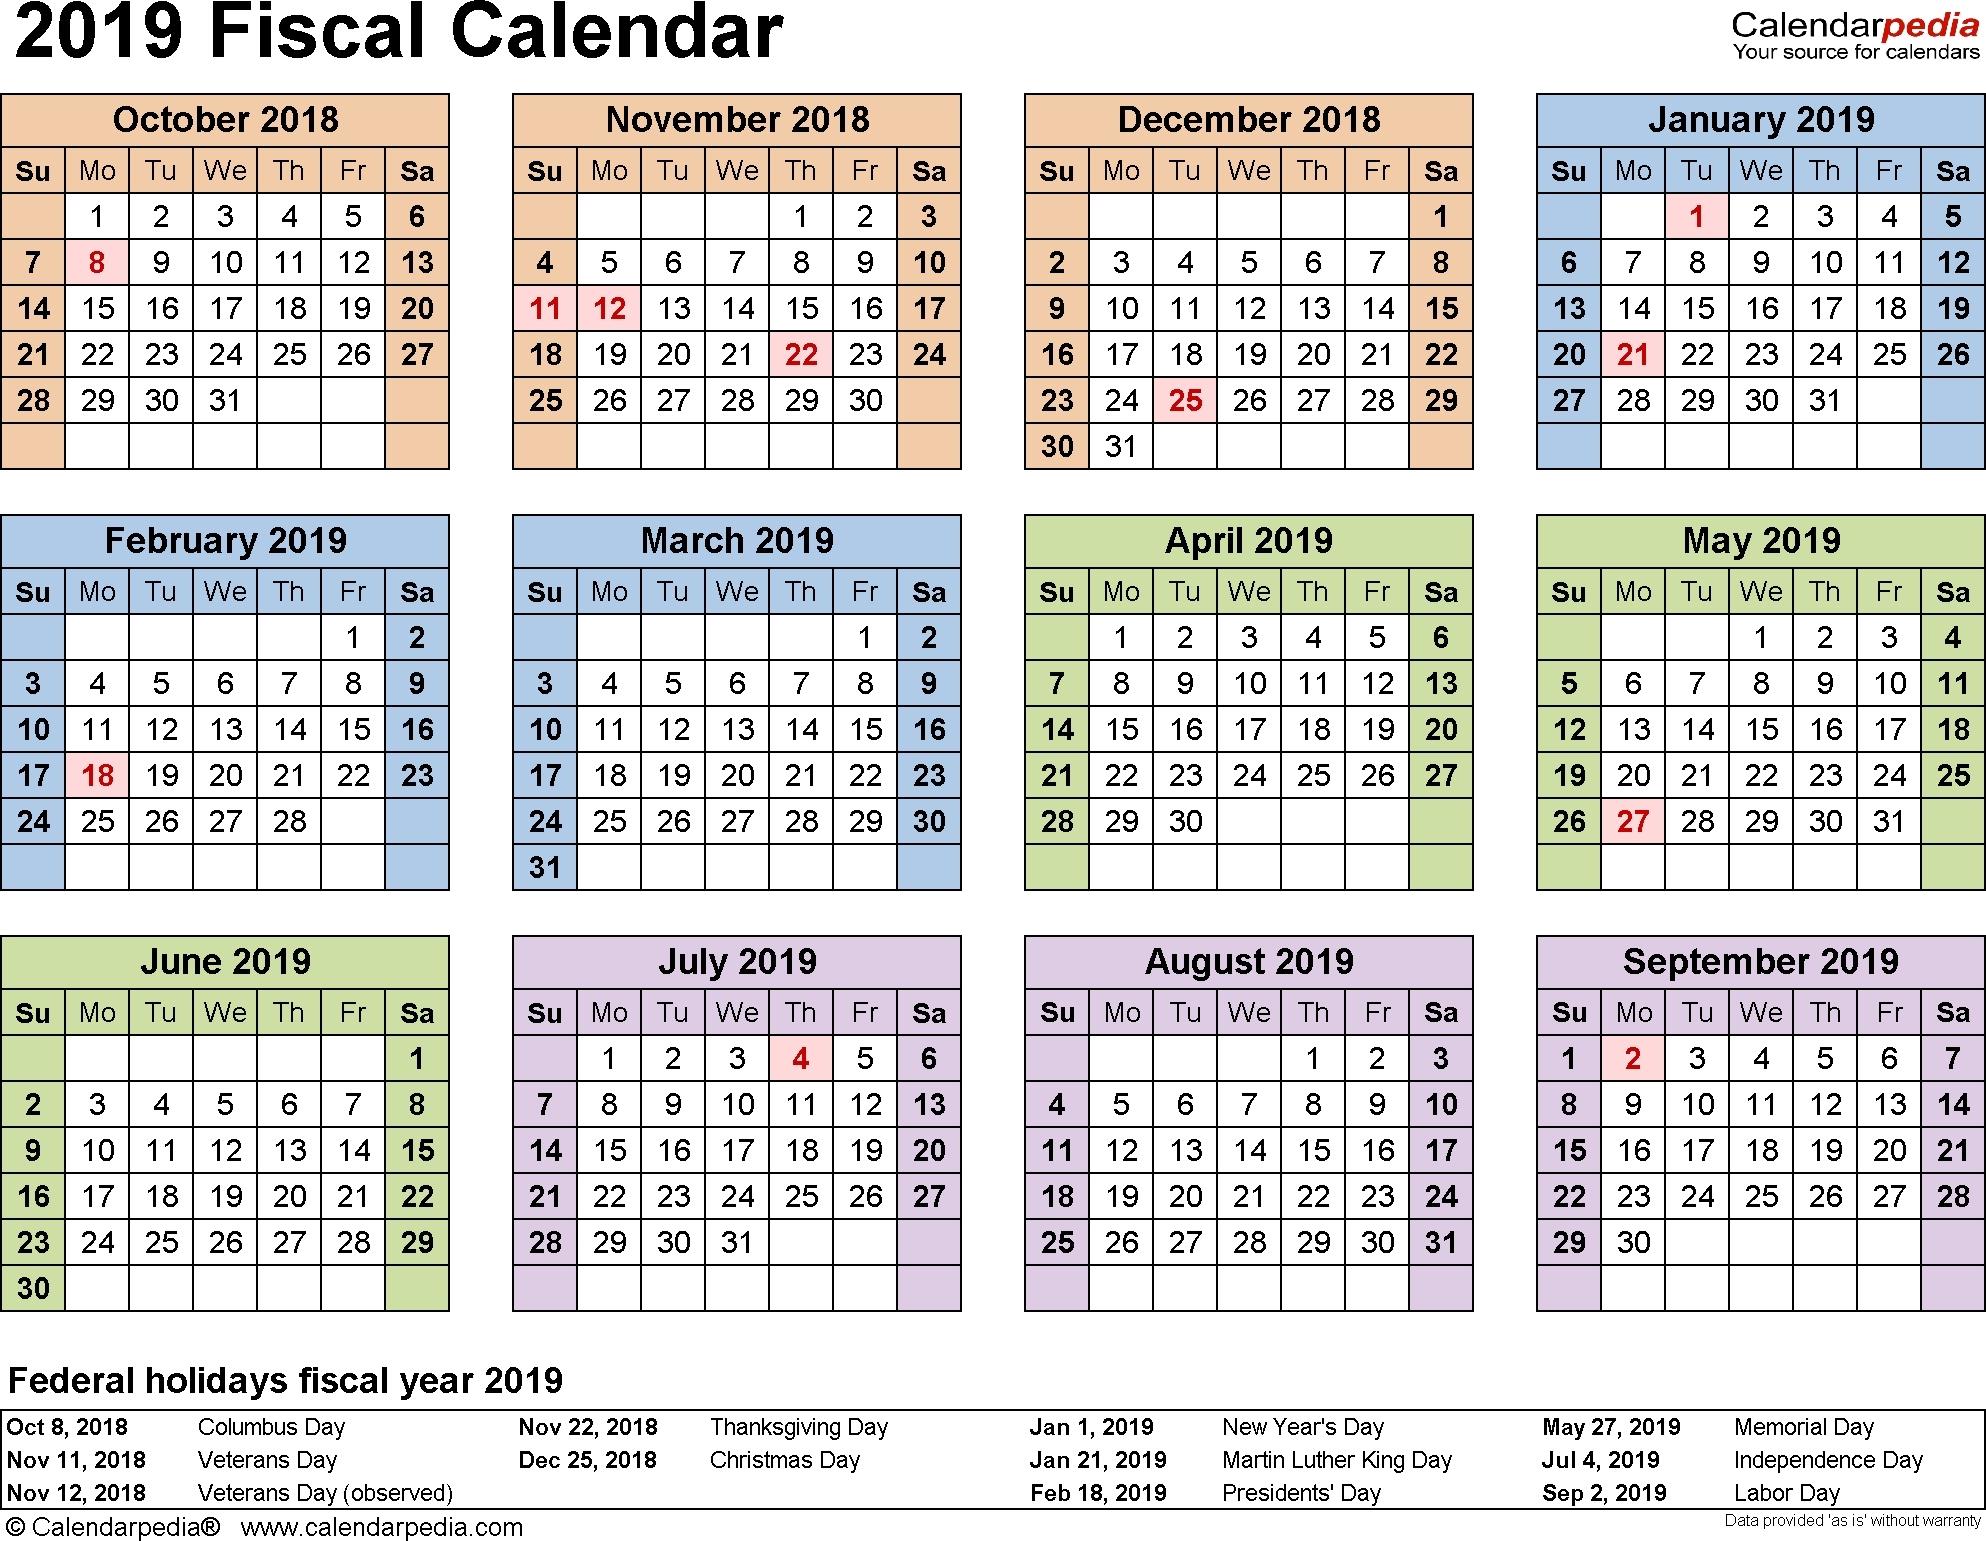 2019-2020 Calendar Financial Week Numbers - Calendar inside What Financial Week Is It